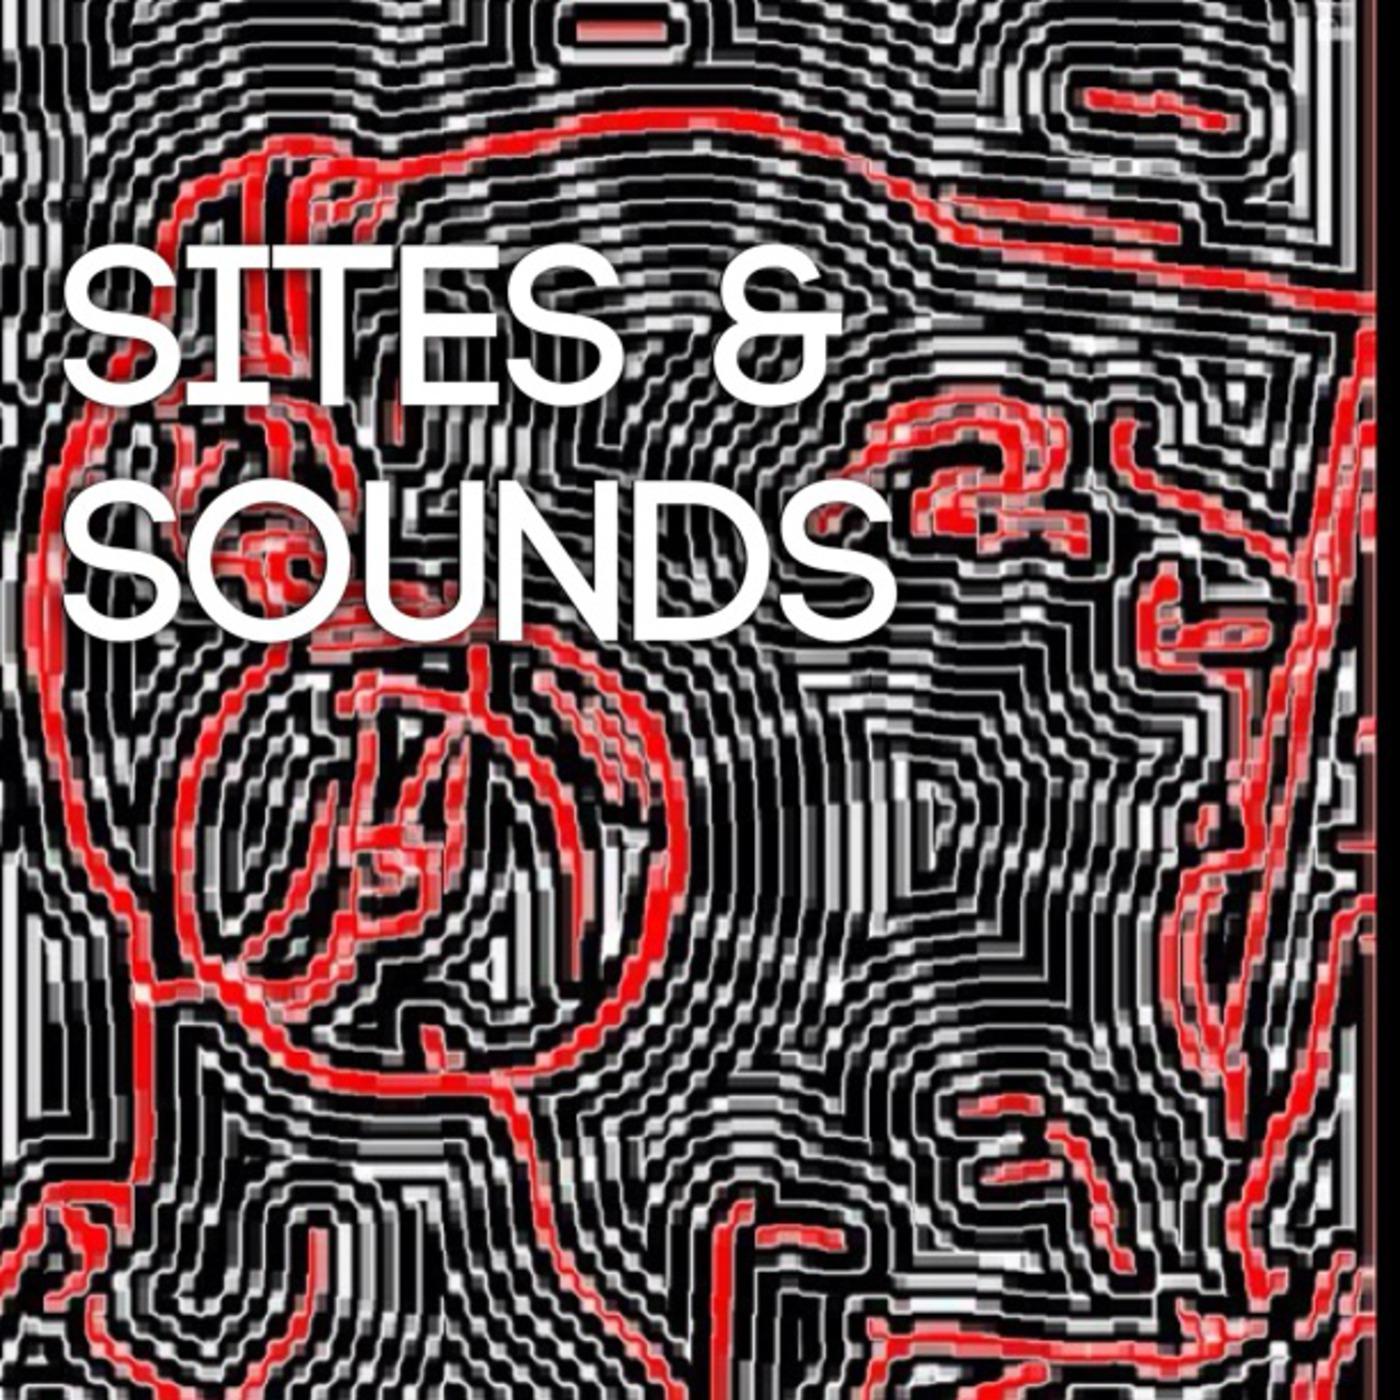 SITES & SOUNDS